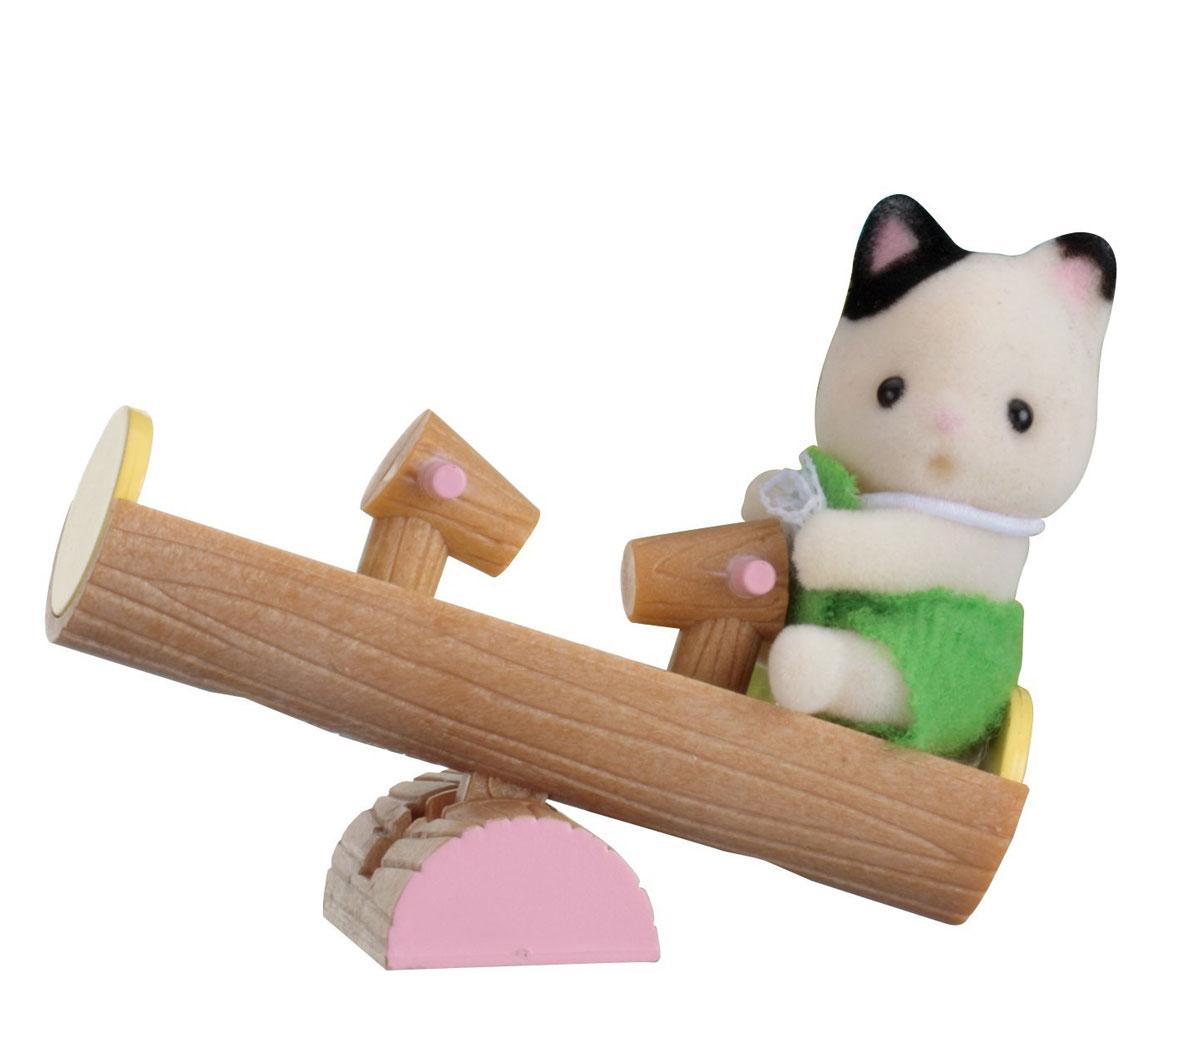 Sylvanian Families Фигурка Малыш котенок на качелях5205Фигурка Sylvanian Families Малыш котенок на качелях - это увлекательная игрушка, которая понравится вашему ребенку. Фигурка может стать частью большой игры с другими элементами серии Sylvanian или другими игрушками. Серия создана для развития творческих способностей и основных социальных направлений развития ребенка. Ребенок может брать игрушку с собой на прогулку или поездку в автомобиле. Такие игрушки отлично развивают мелкую моторику рук, фантазию, логическое и пространственное мышление. Все элементы выполнены с невероятной тщательностью из безопасных материалов. Компания Sylvanian Families была основана в 1985 году, в Японии. Sylvanian Families очень популярна в Европе и Азии и, за долгие годы существования, компания смогла добиться больших успехов. 3 года подряд в Англии бренд Sylvanian Families был признан Игрушкой Года. Сегодня у героев Sylvanian Families есть собственное шоу, полнометражный мультфильм и сеть ресторанов, работающая...